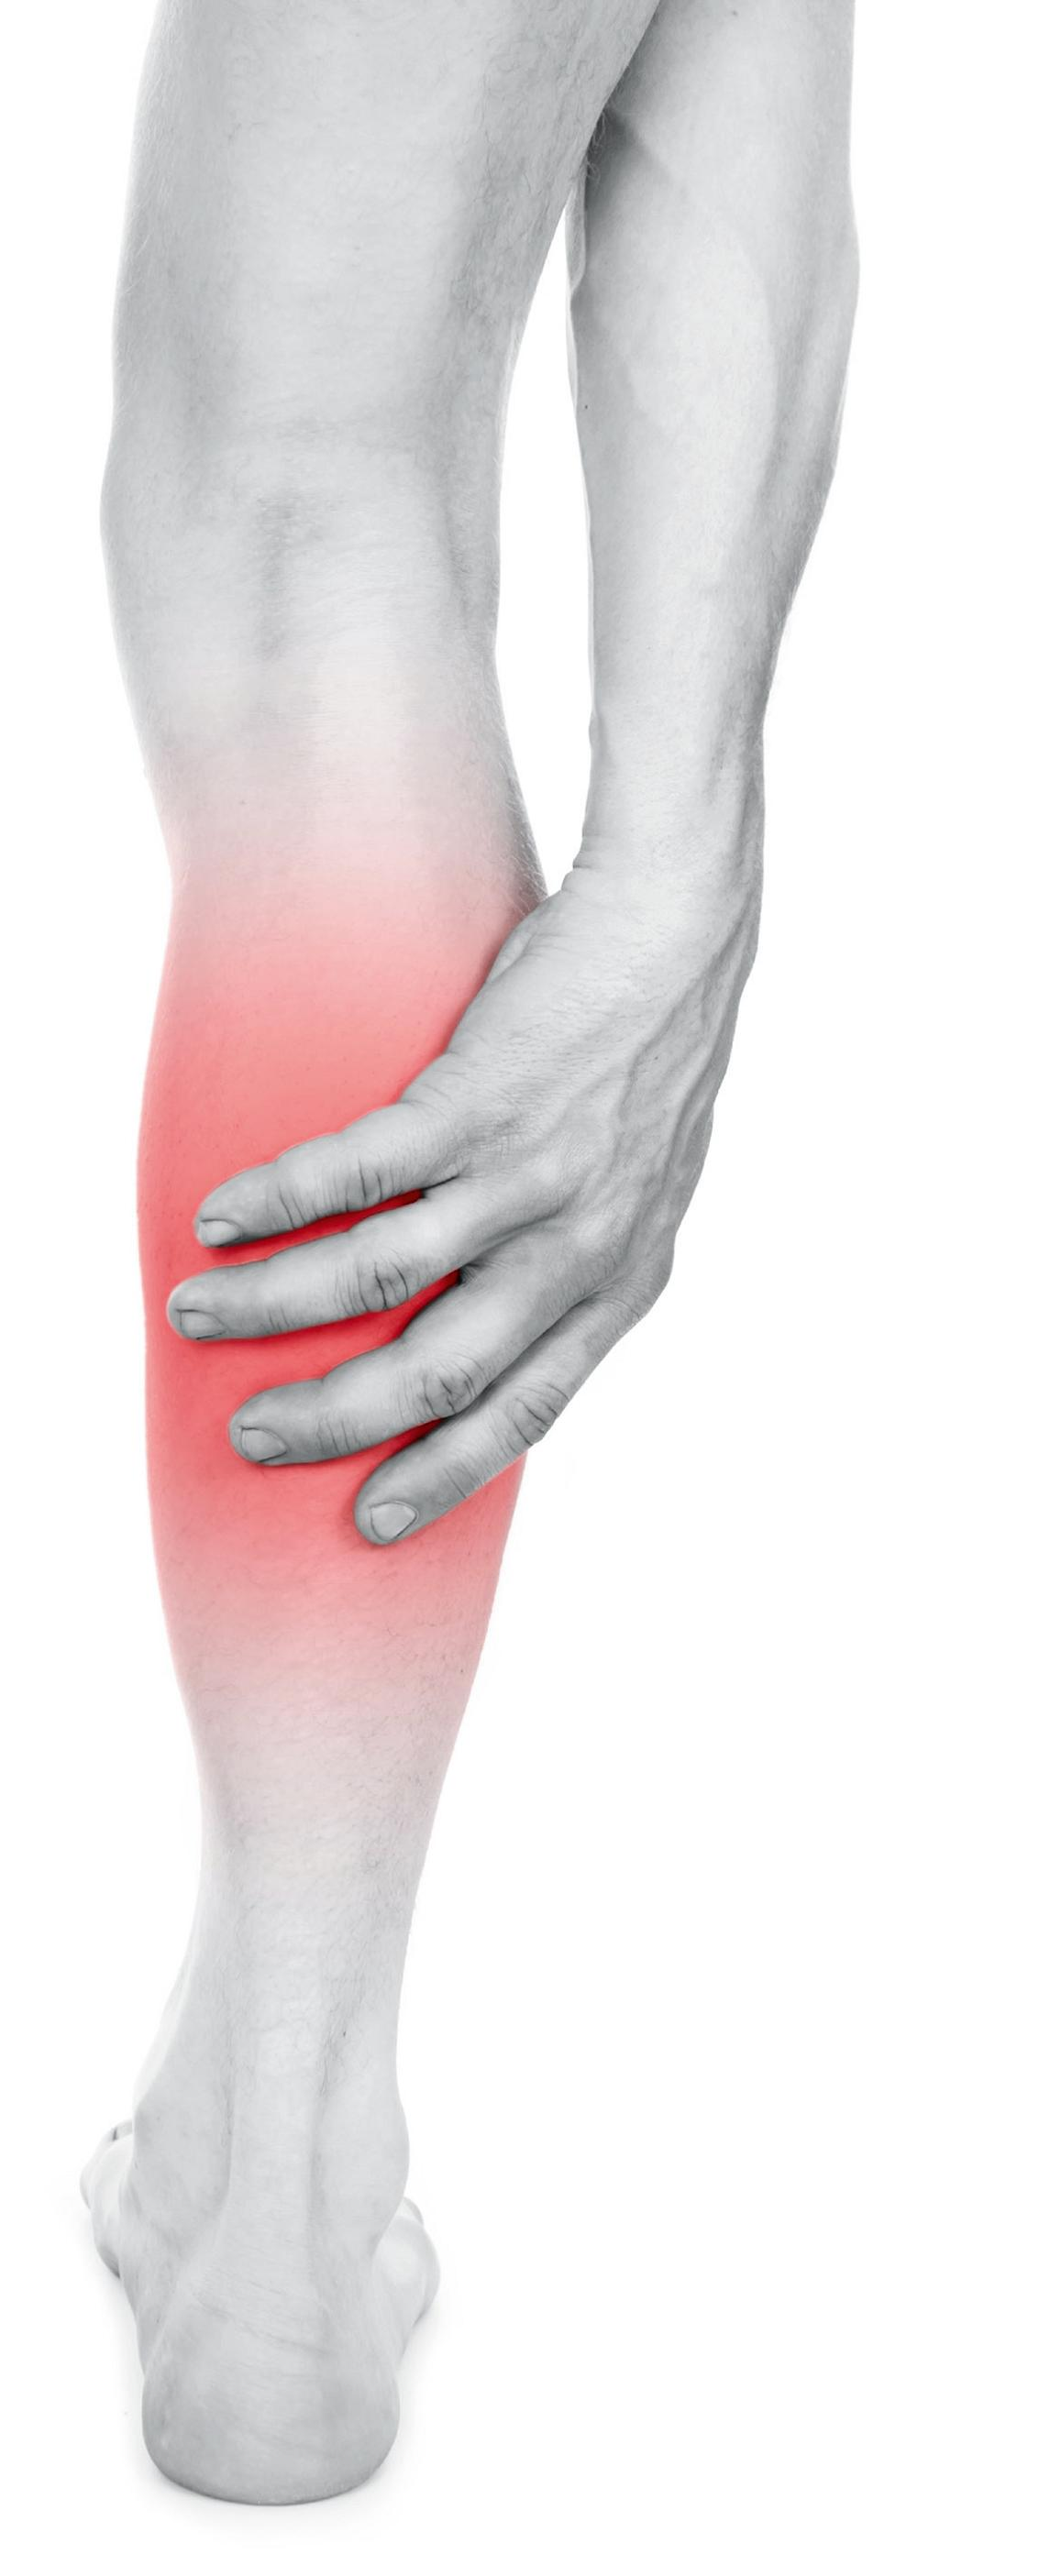 Quand apparaît une douleur au mollet?